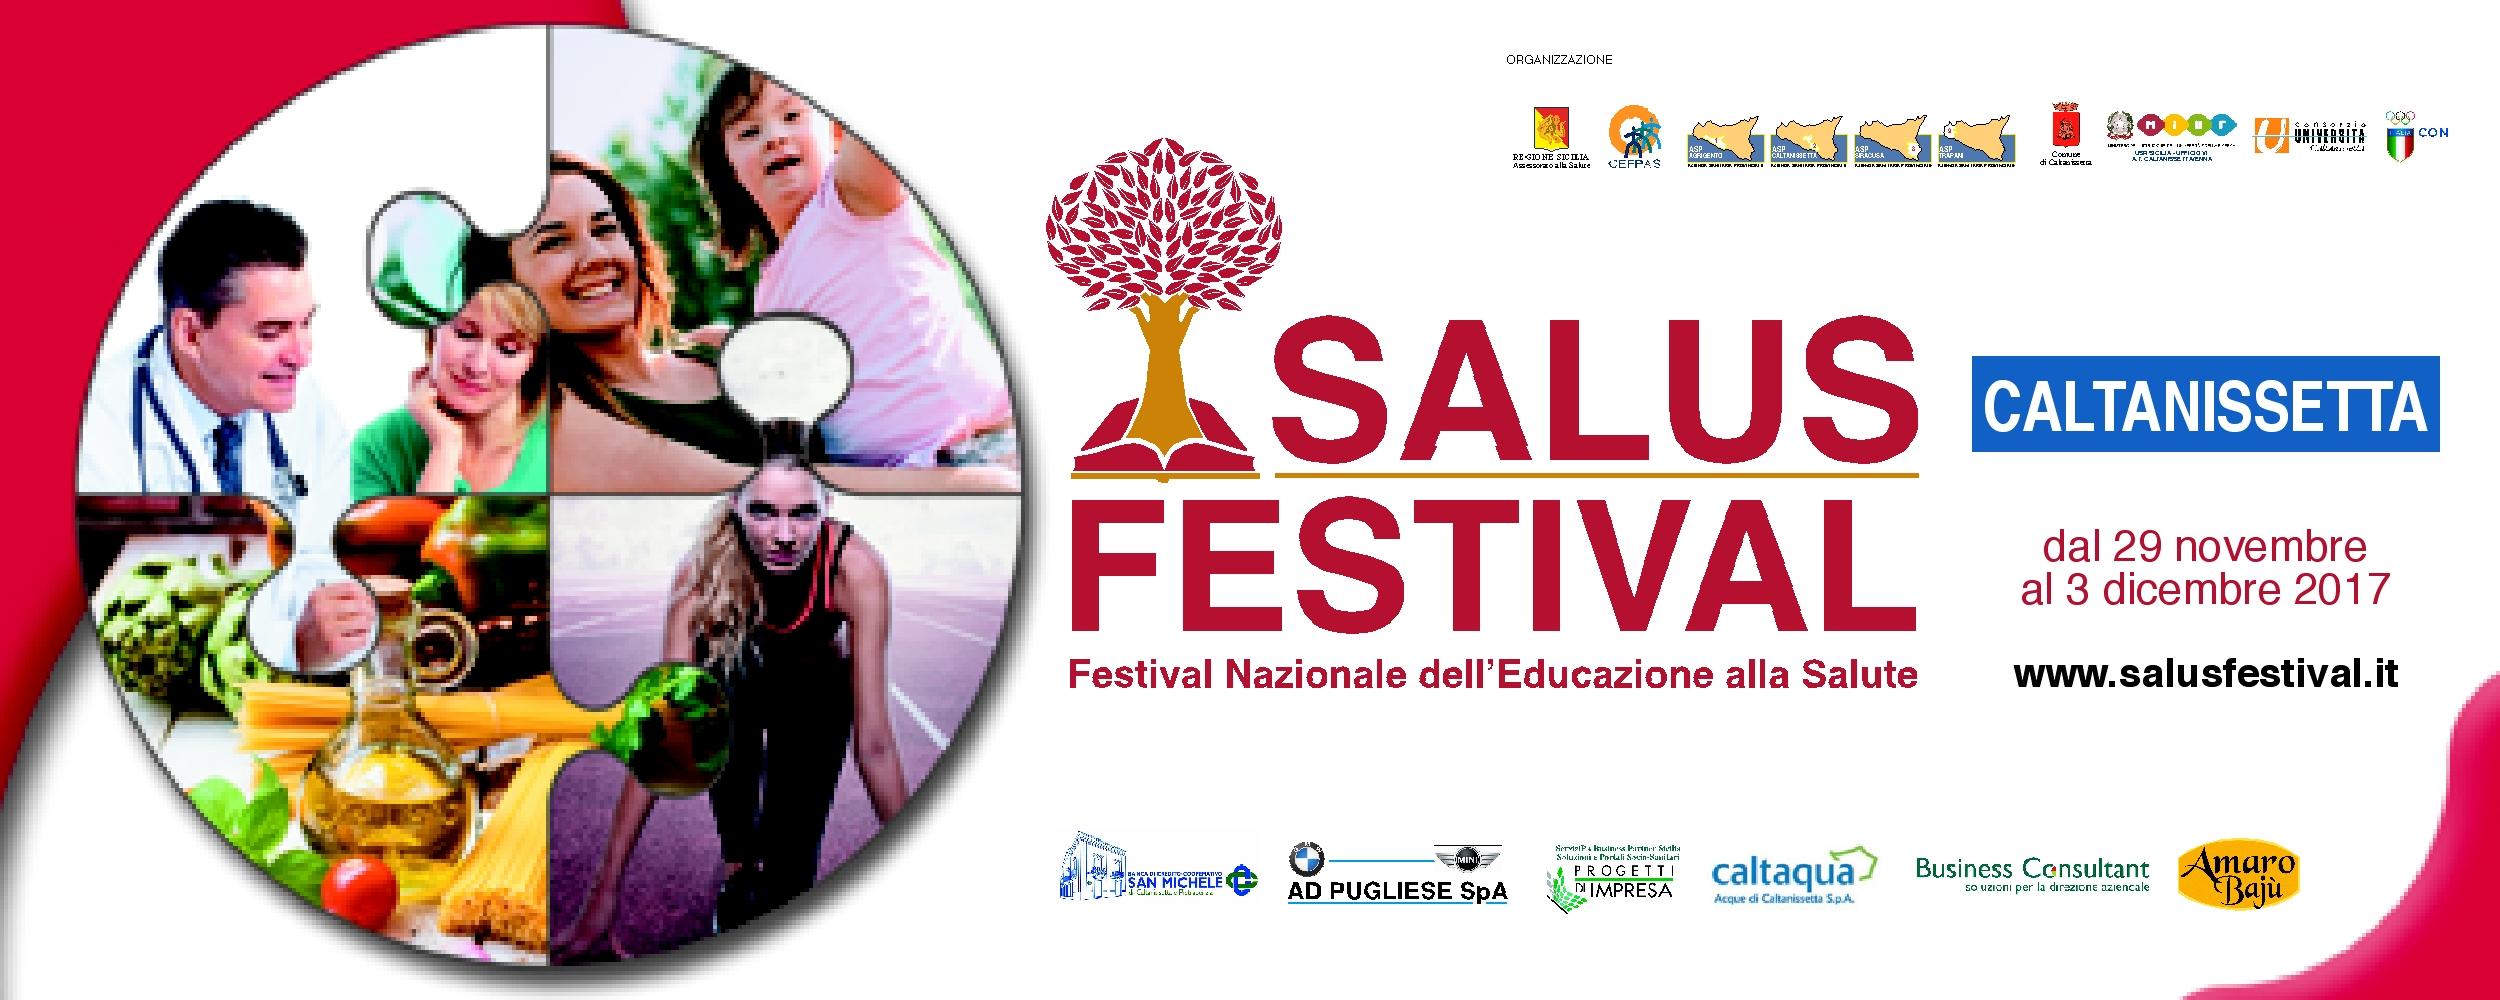 Salus Festival